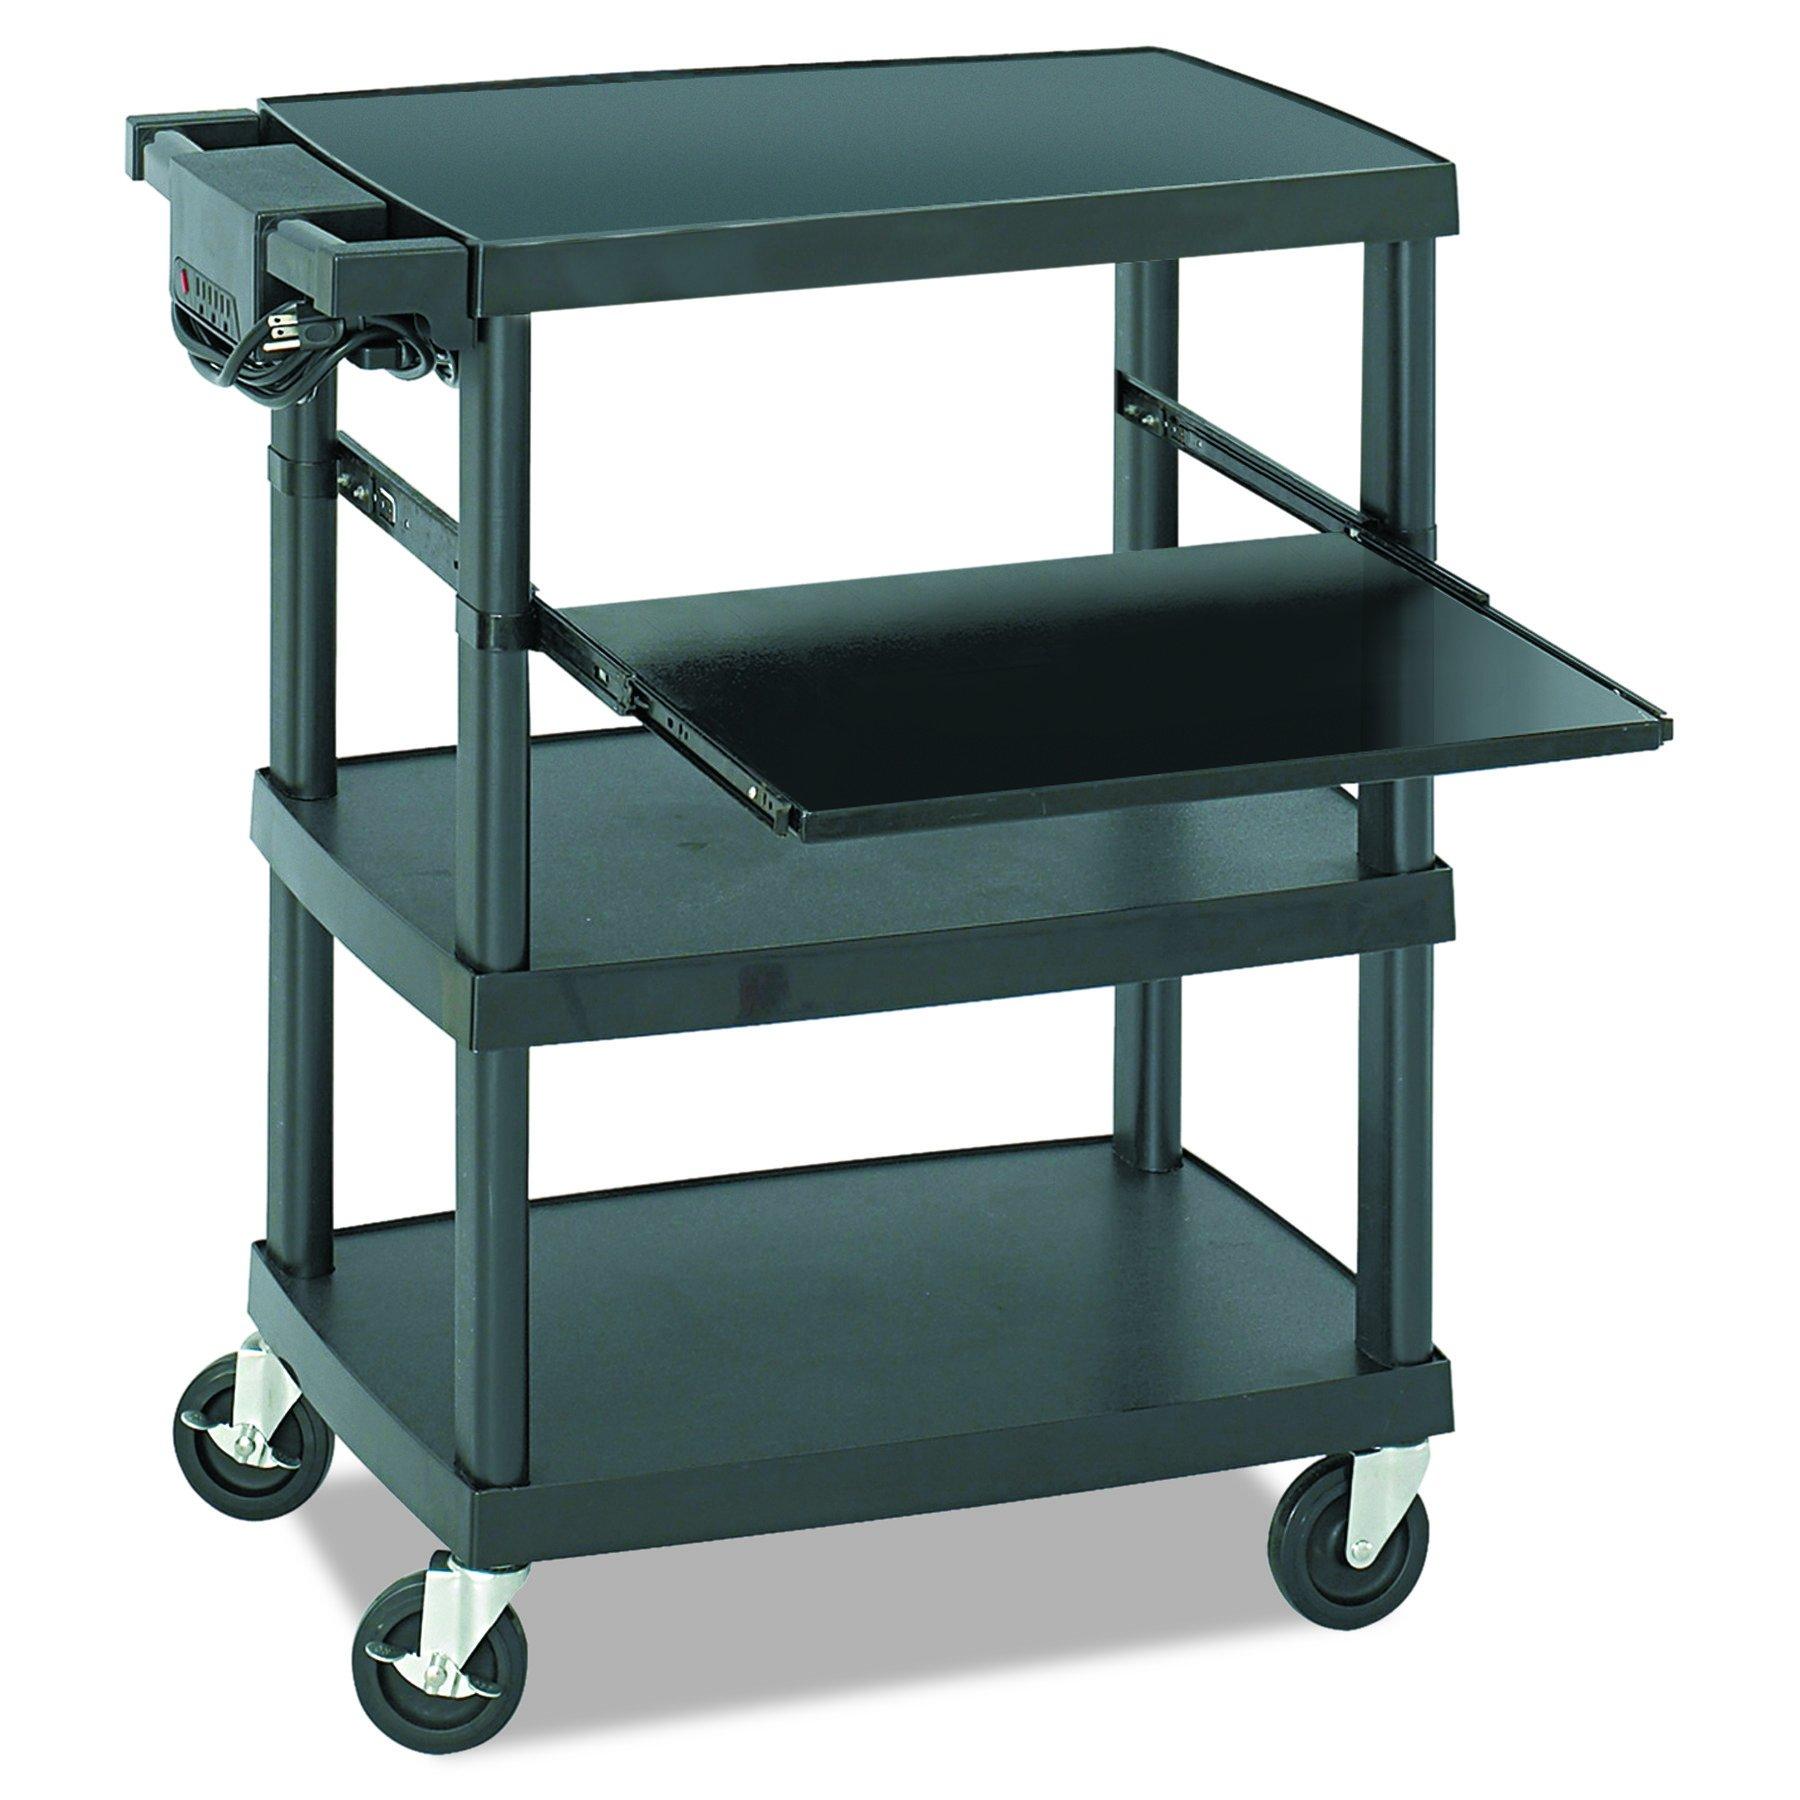 Safco Products 8929BL Multimedia Projector AV Cart, Black